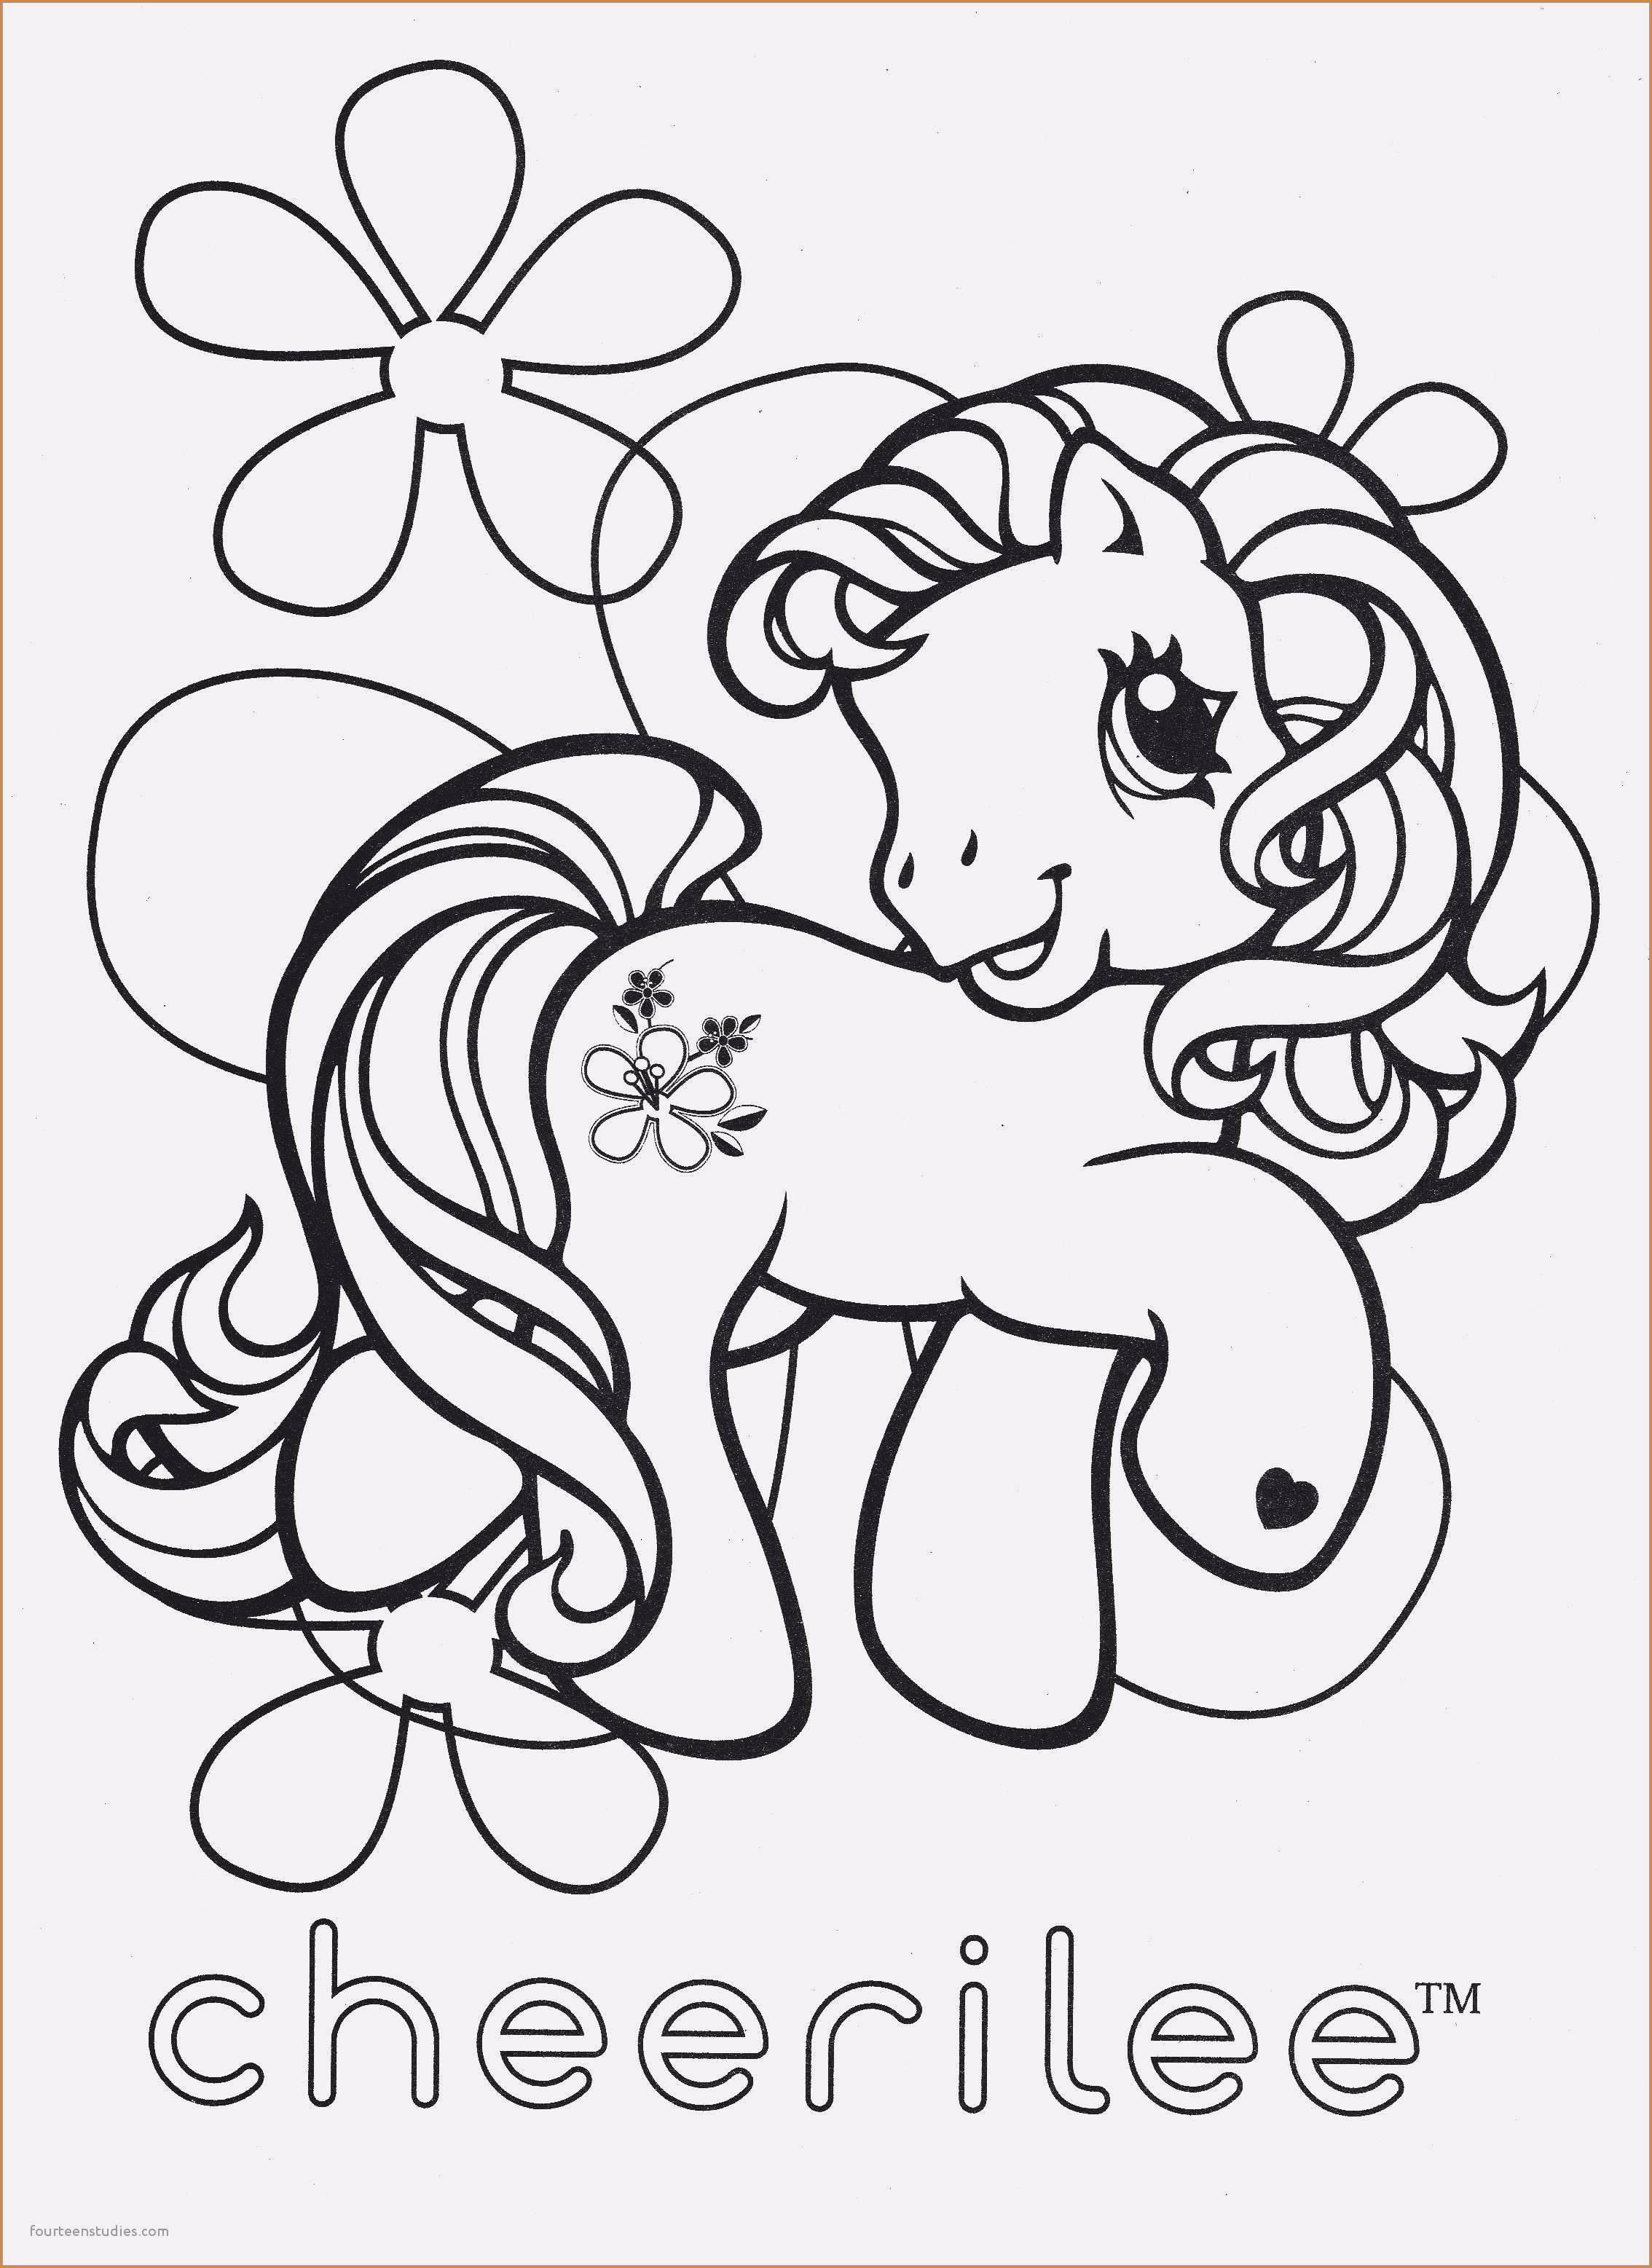 My Little Pony Pinkie Pie Ausmalbilder Frisch 25 Druckbar Malvorlagen Prinzessin Celestia Fotos